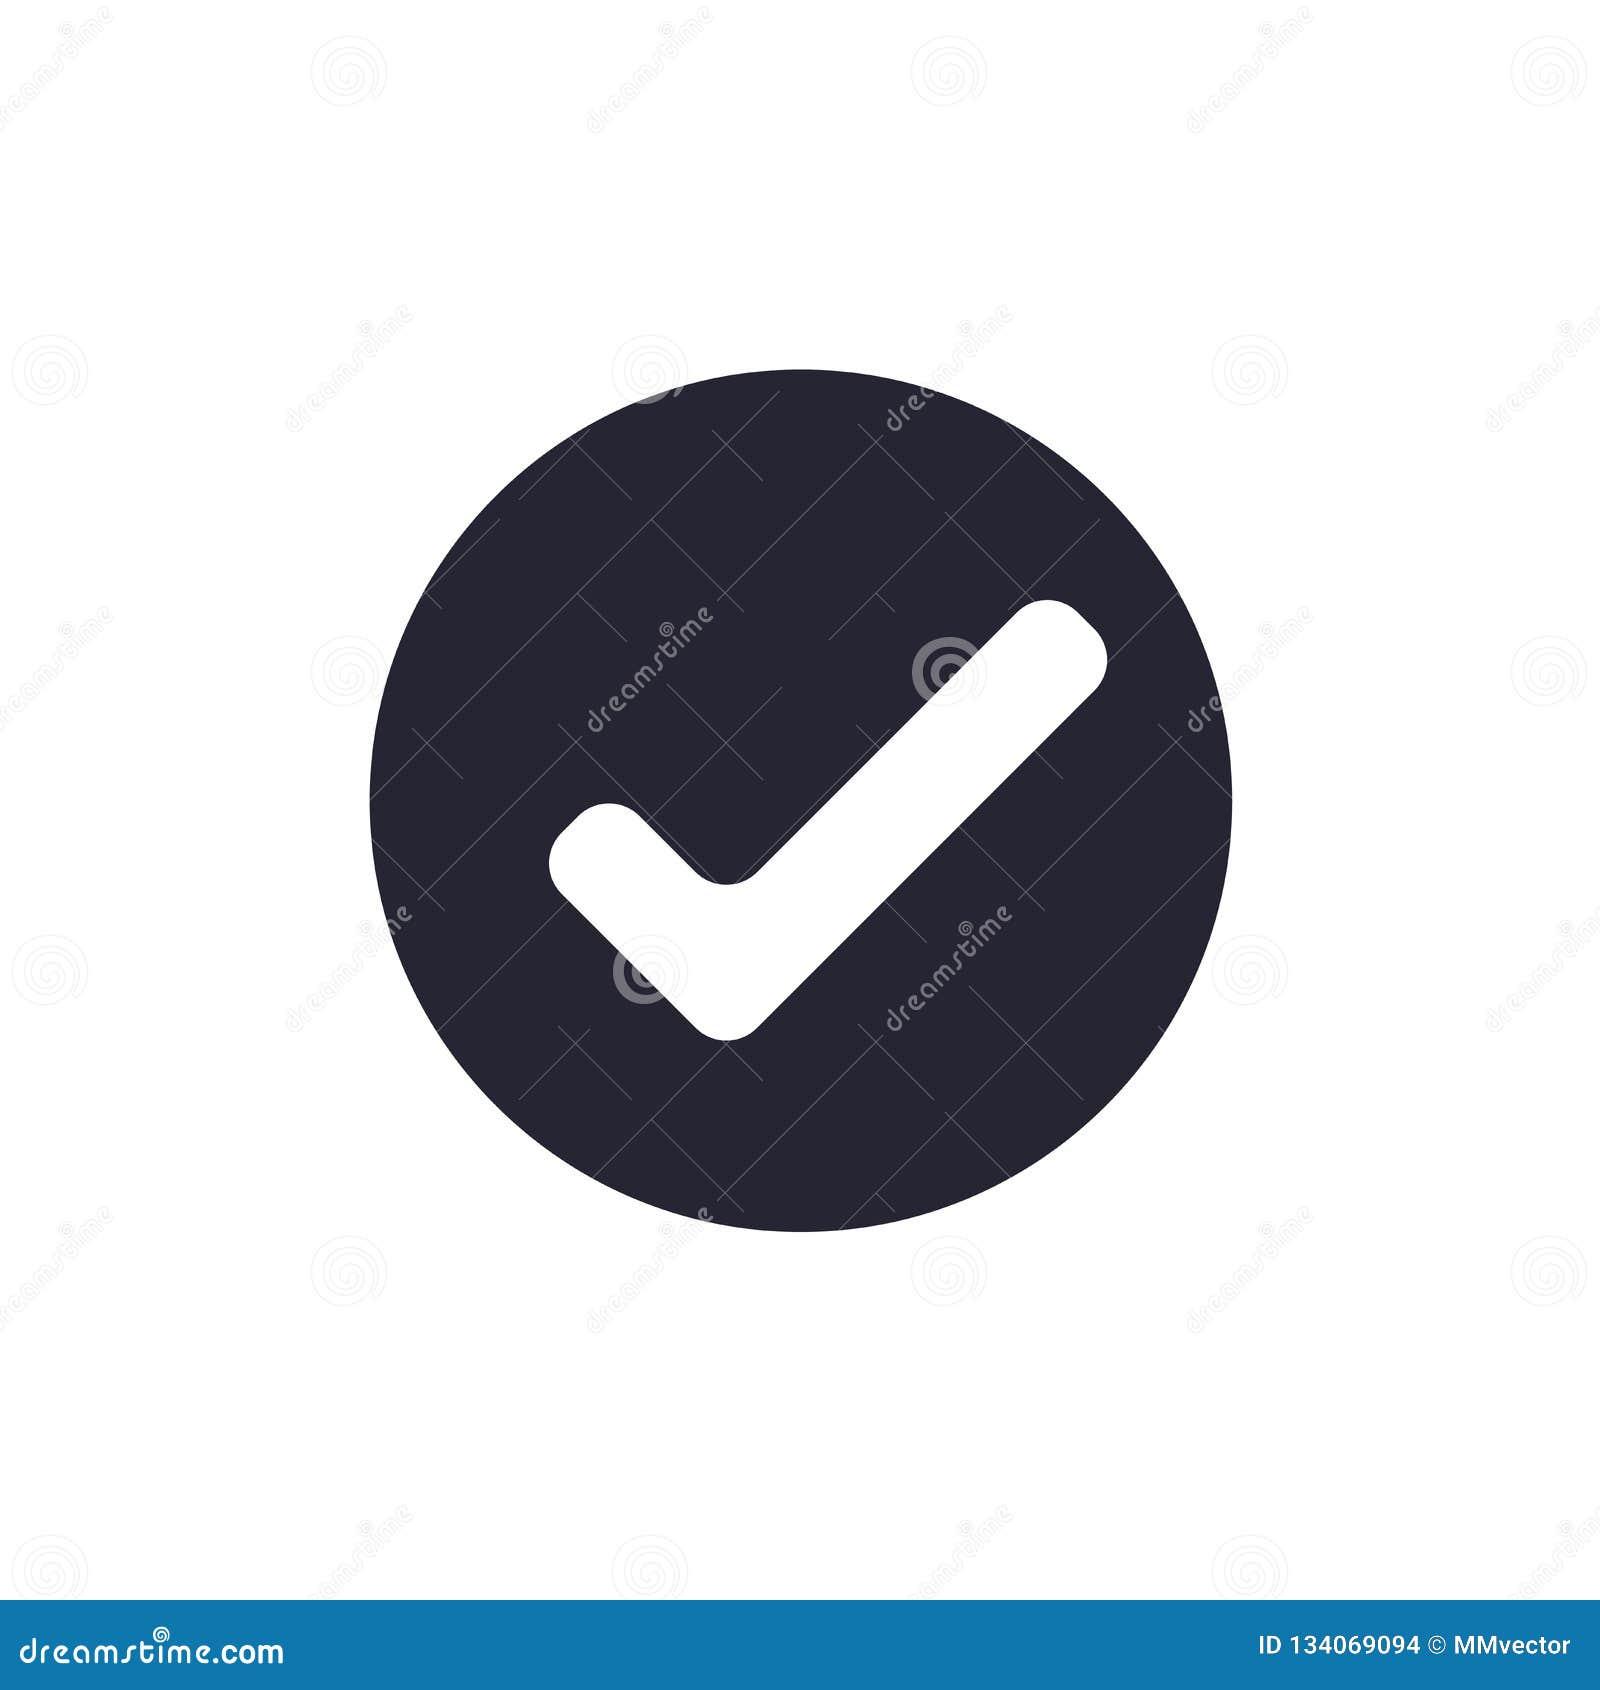 Tecknet och symbolet för vektor för symbol för kontrollfläck som isoleras på vit bakgrund, kontrollerar fläcklogobegrepp